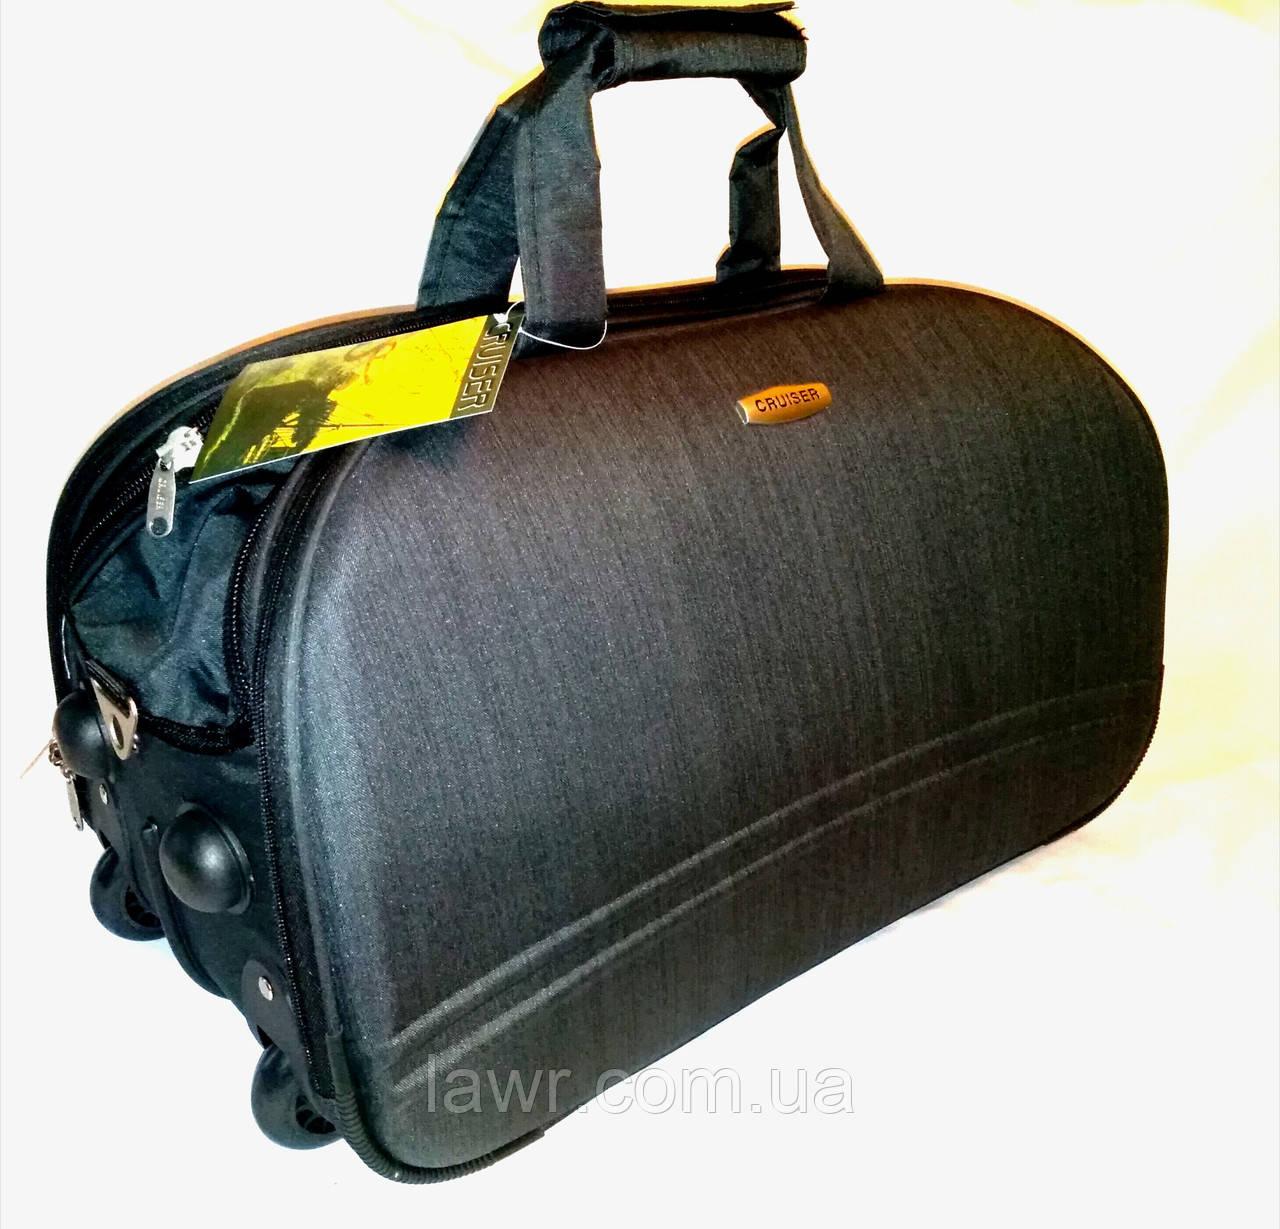 850a766506f8 Сумка дорожная на колесах CRUISER Турция полоска средняя, цвет черный